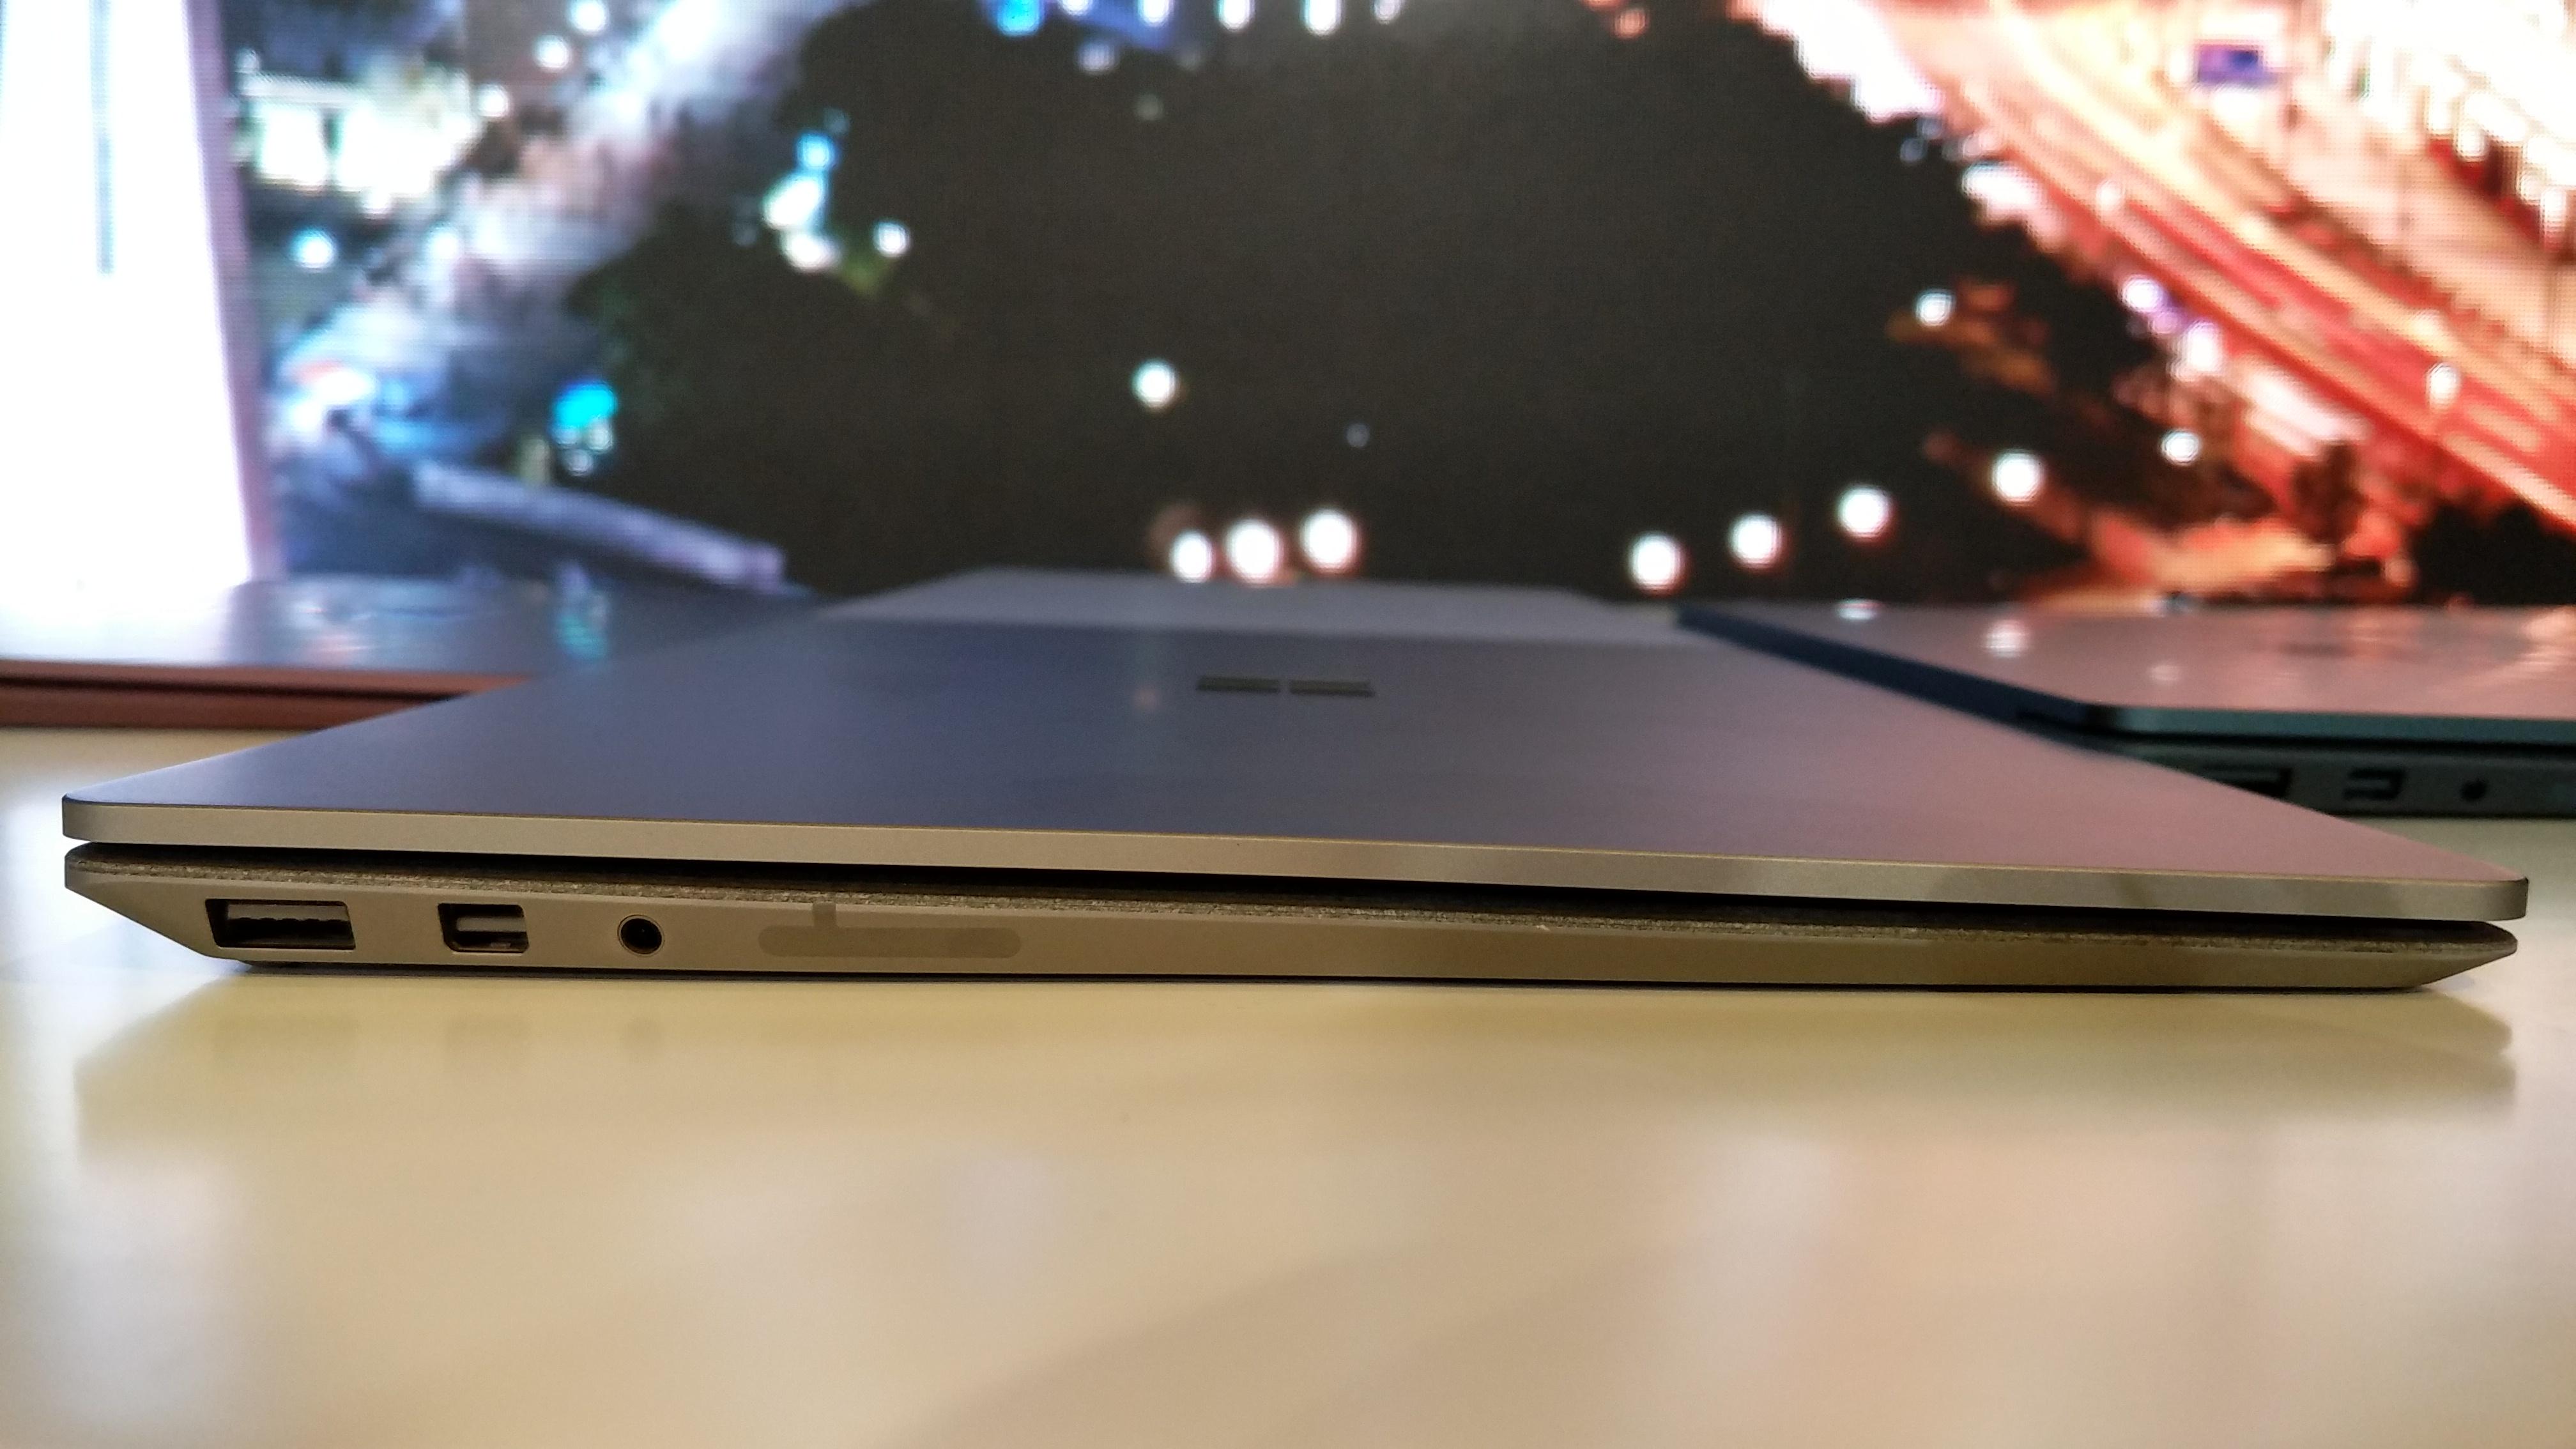 微软Laptop对比苹果新款MacBook,你会选择谁?的照片 - 5